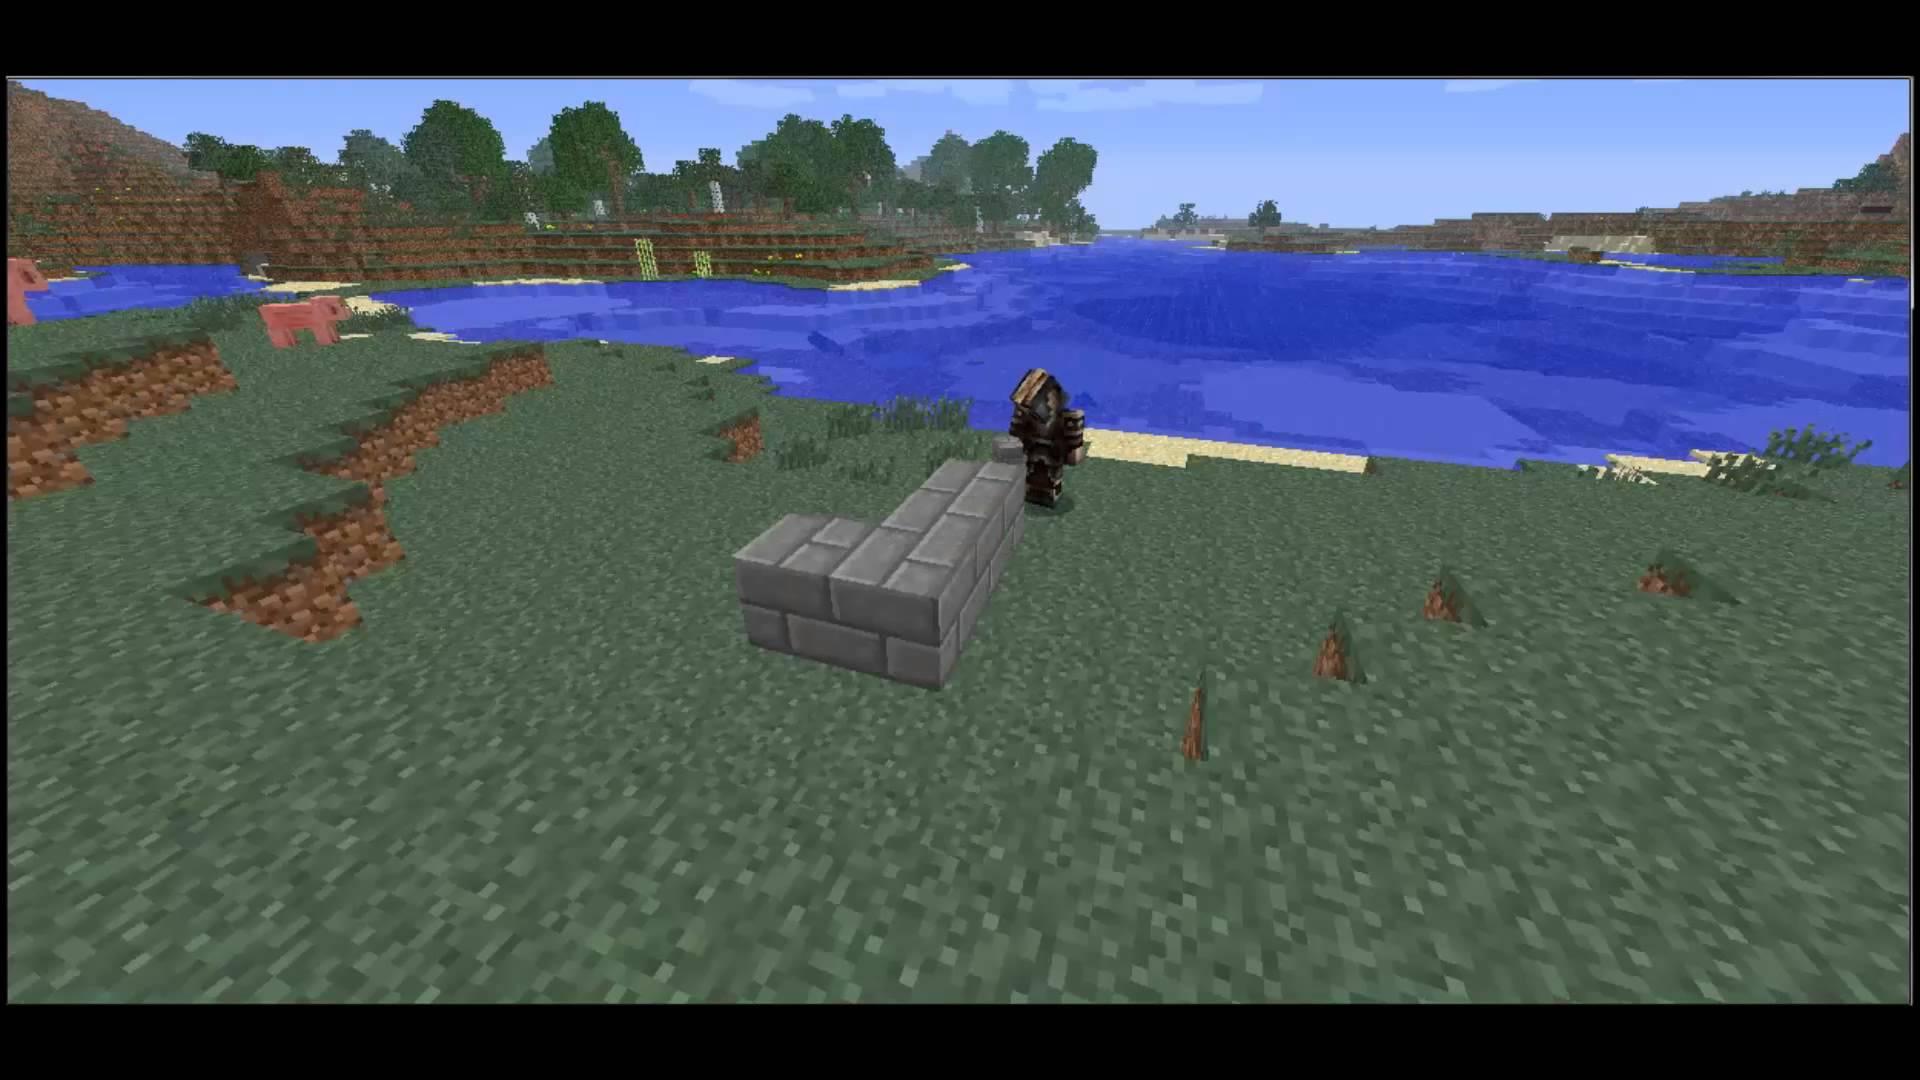 De dwaas en Wijsman - Minecraft bijbelverhaal 4